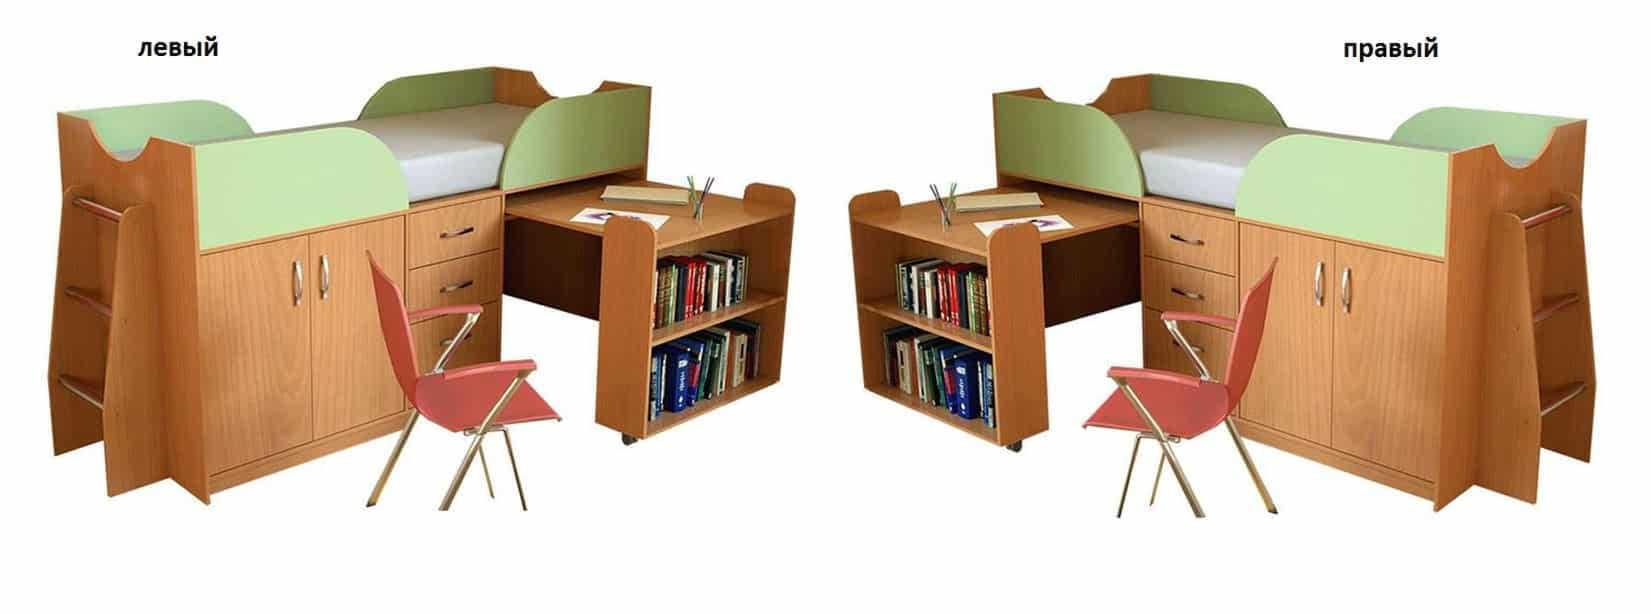 Детская мебель Карлсон-мини 2 лестница слева или справа